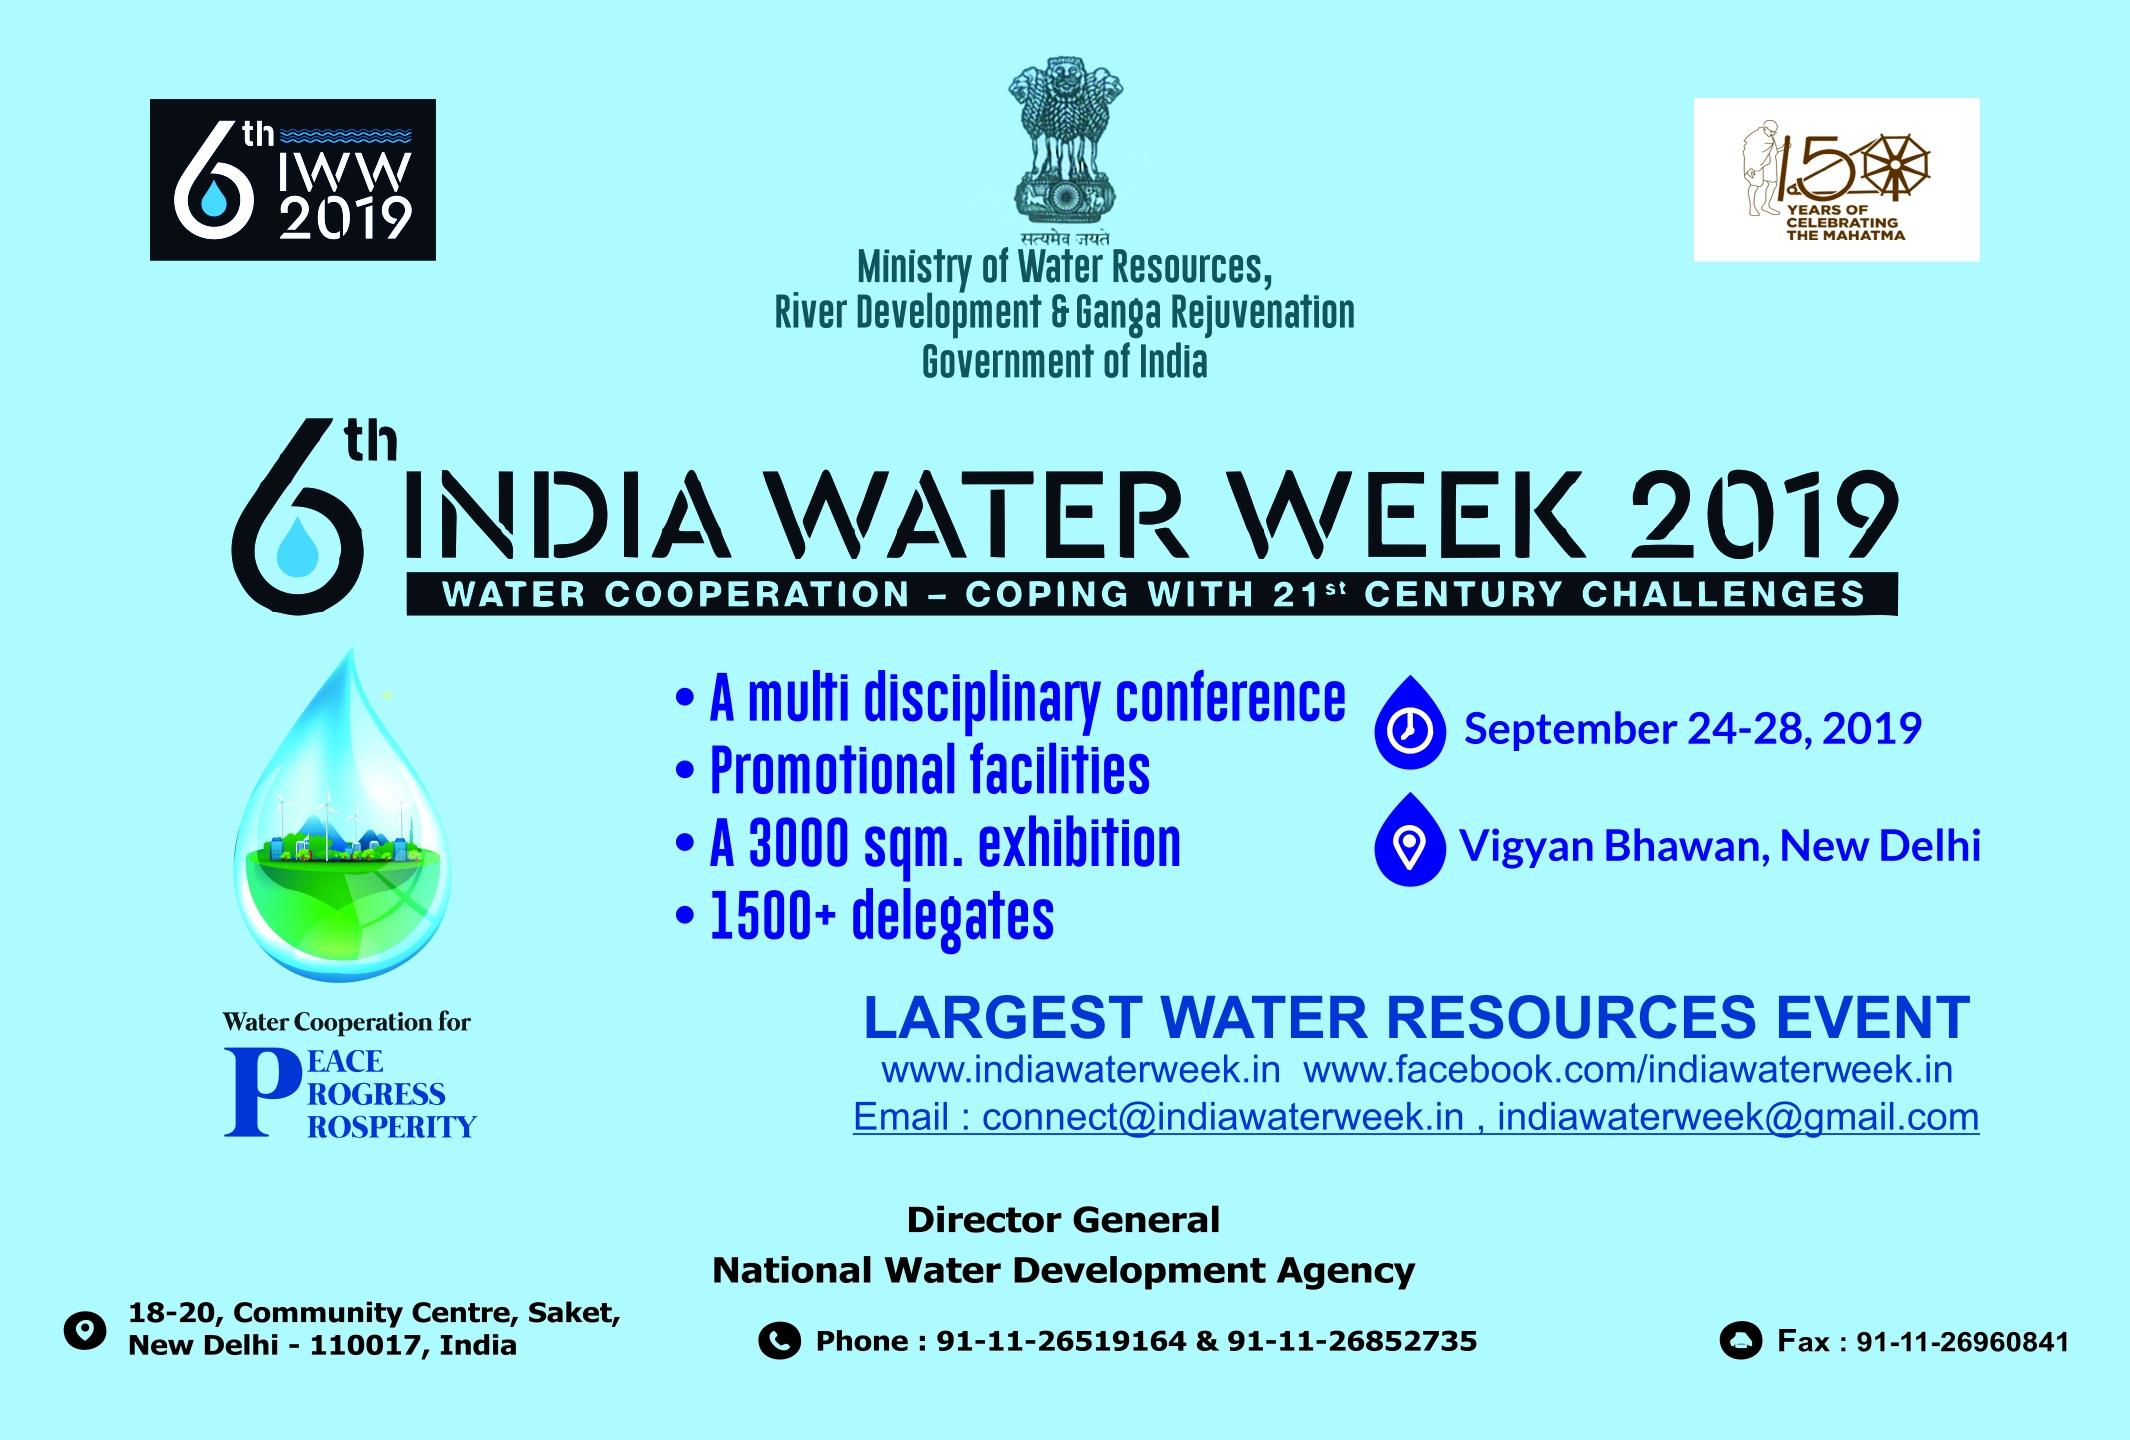 India Water Week 2019